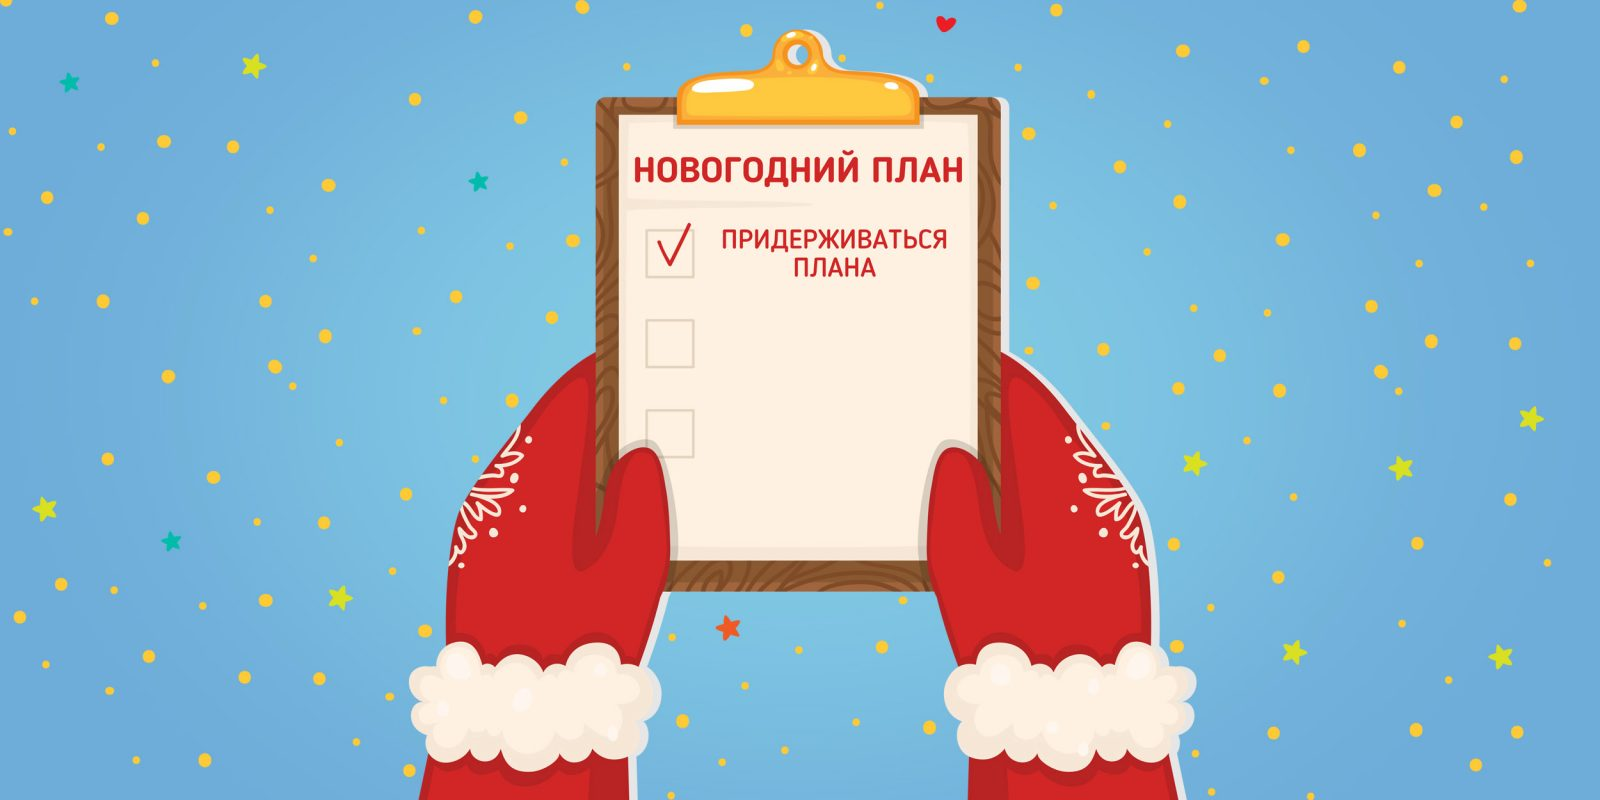 https://cdn.lifehacker.ru/wp-content/uploads/2017/12/ThatsThePlan_1513800317-1600x800.jpg